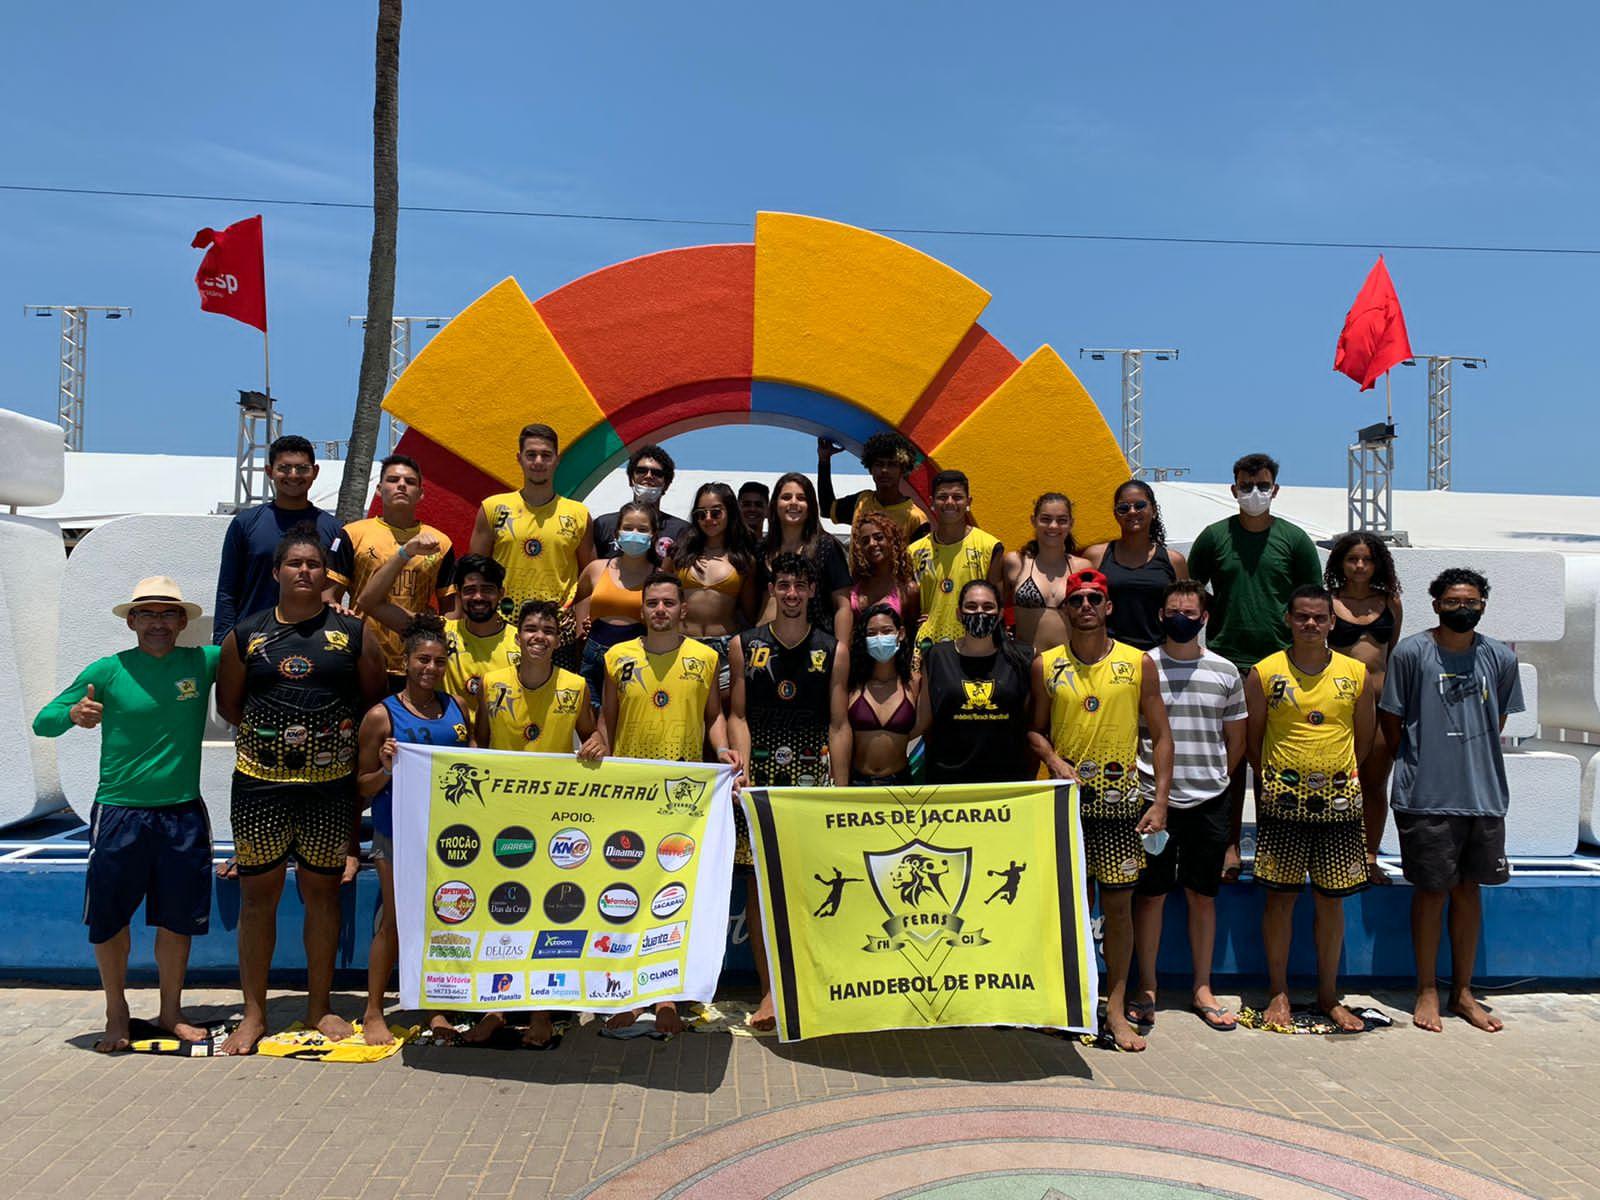 """Equipe de handebol """"Feras de Jacaraú"""" colhe frutos de um trabalho com dedicação e determinação."""